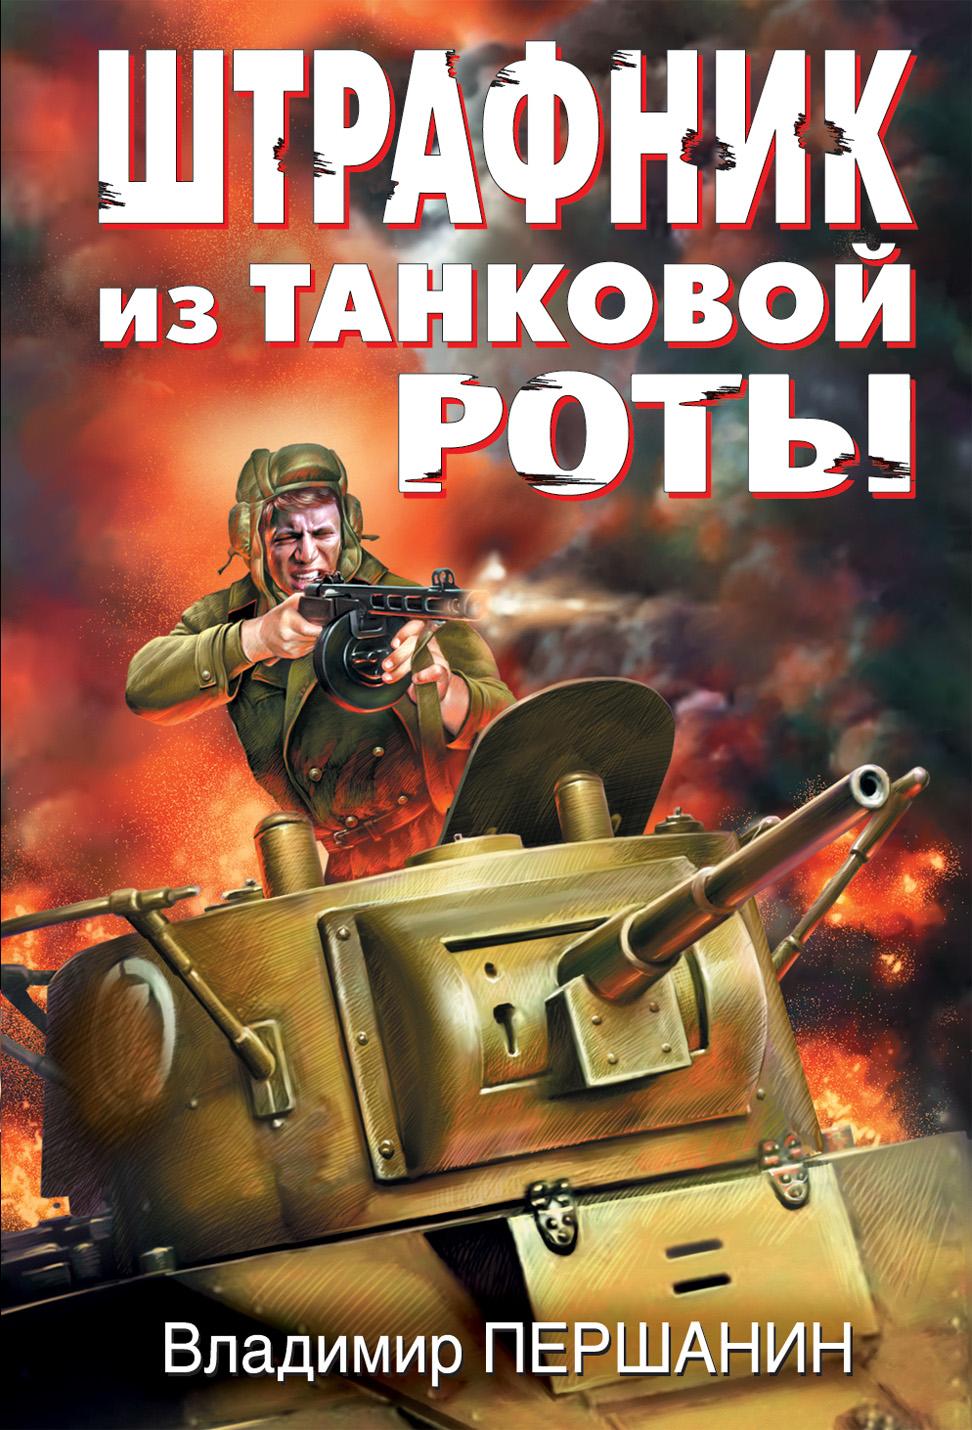 Владимир Першанин Штрафник из танковой роты савицкий г яростный поход танковый ад 1941 года